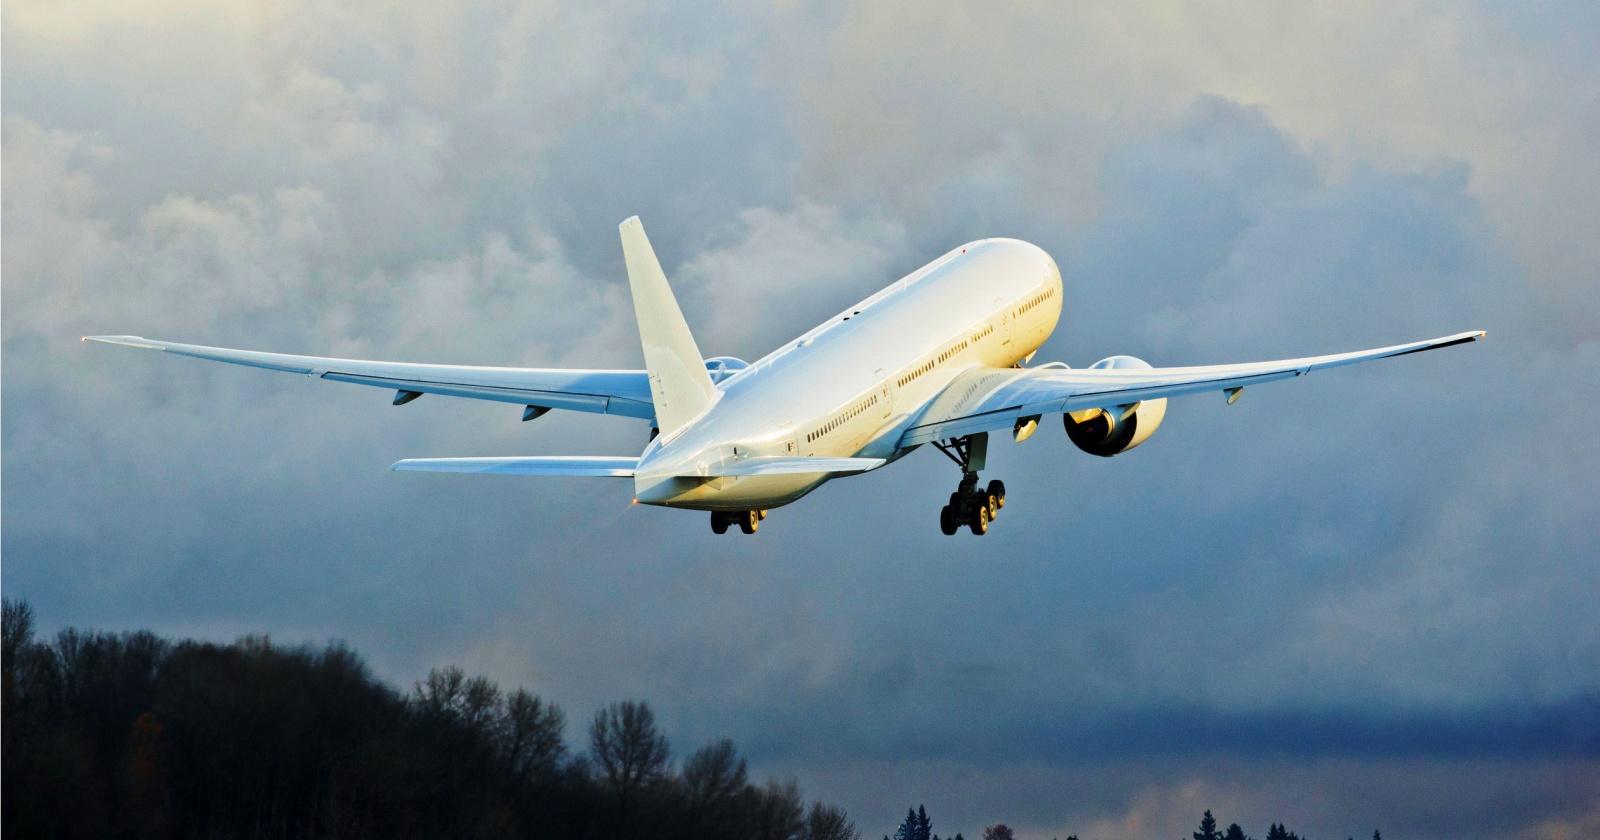 Из-за проблем с двигателем Boeing 777 вынужденно сел в «Шереметьево»